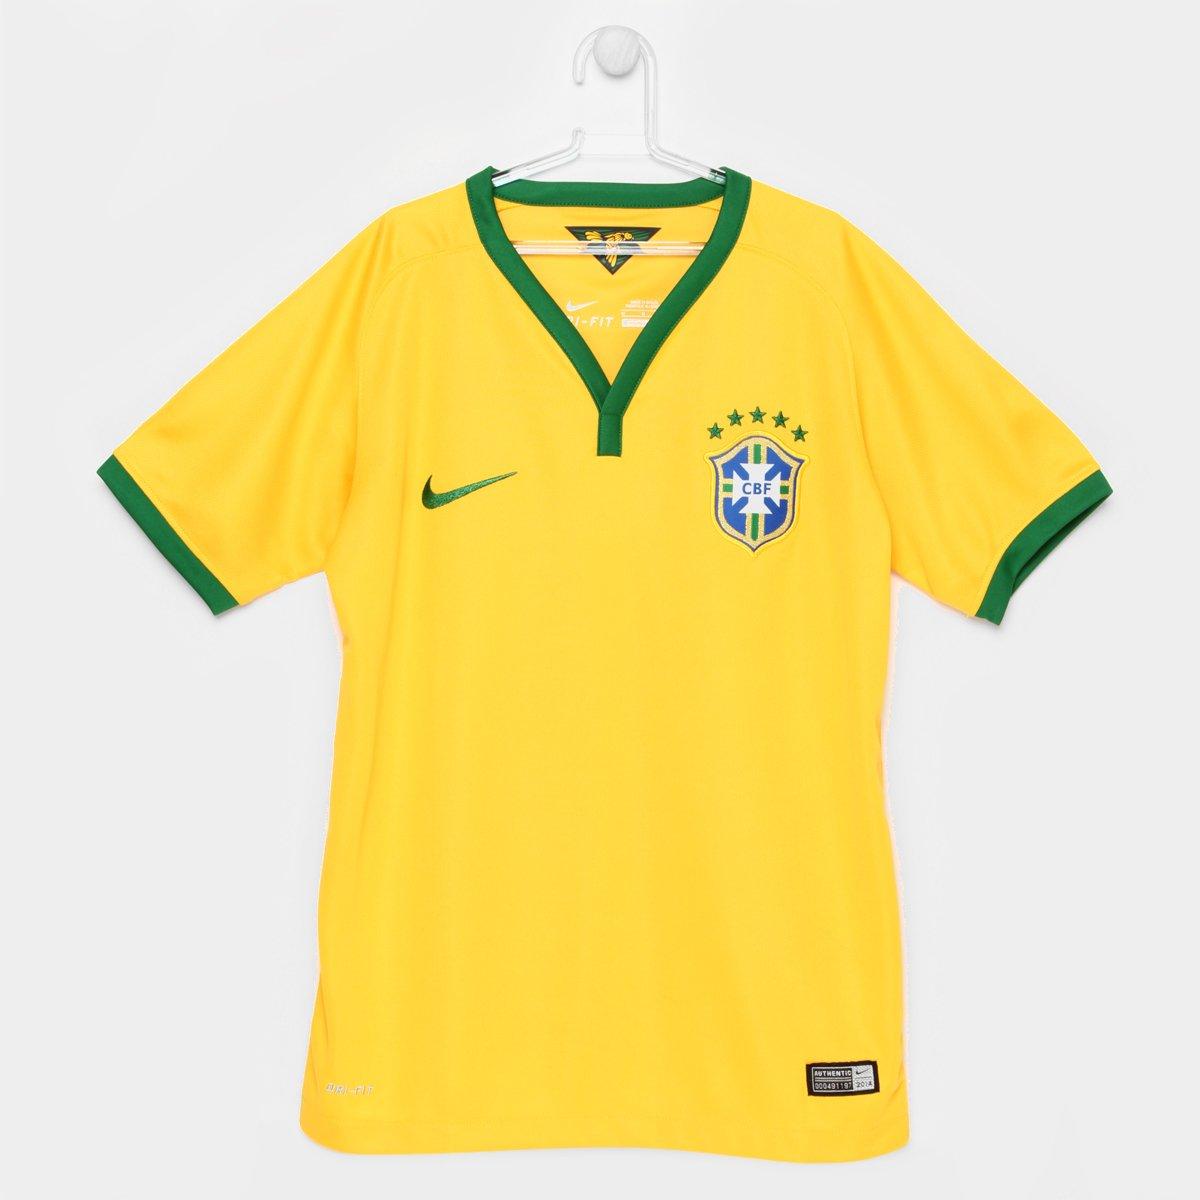 b26ad0fbb6 Camisa Nike Seleção Brasil I 2014 s nº Juvenil - Compre Agora